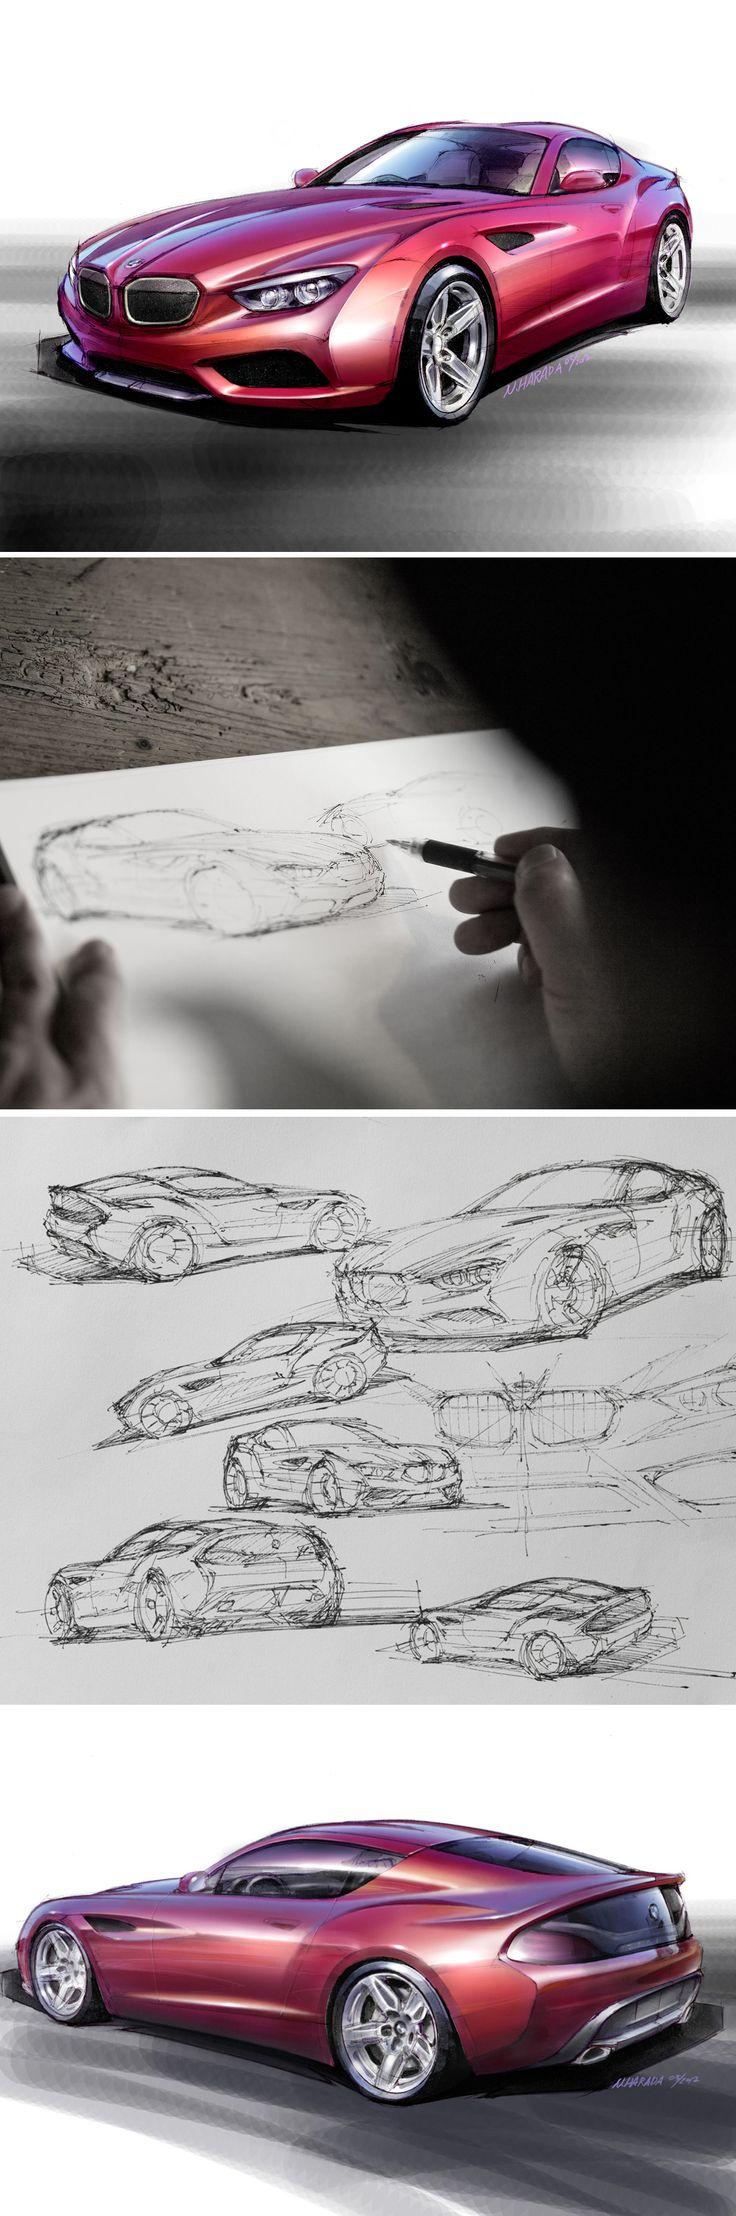 BMW - Zagato Design, BMW Sportscar - Great supercar design sketches우리카지노●ACAC9.COM●우리카지노우리카지노●ACAC9.COM●우리카지노우리카지노●ACAC9.COM●우리카지노우리카지노●ACAC9.COM●우리카지노우리카지노●ACAC9.COM●우리카지노우리카지노●ACAC9.COM●우리카지노우리카지노●ACAC9.COM●우리카지노